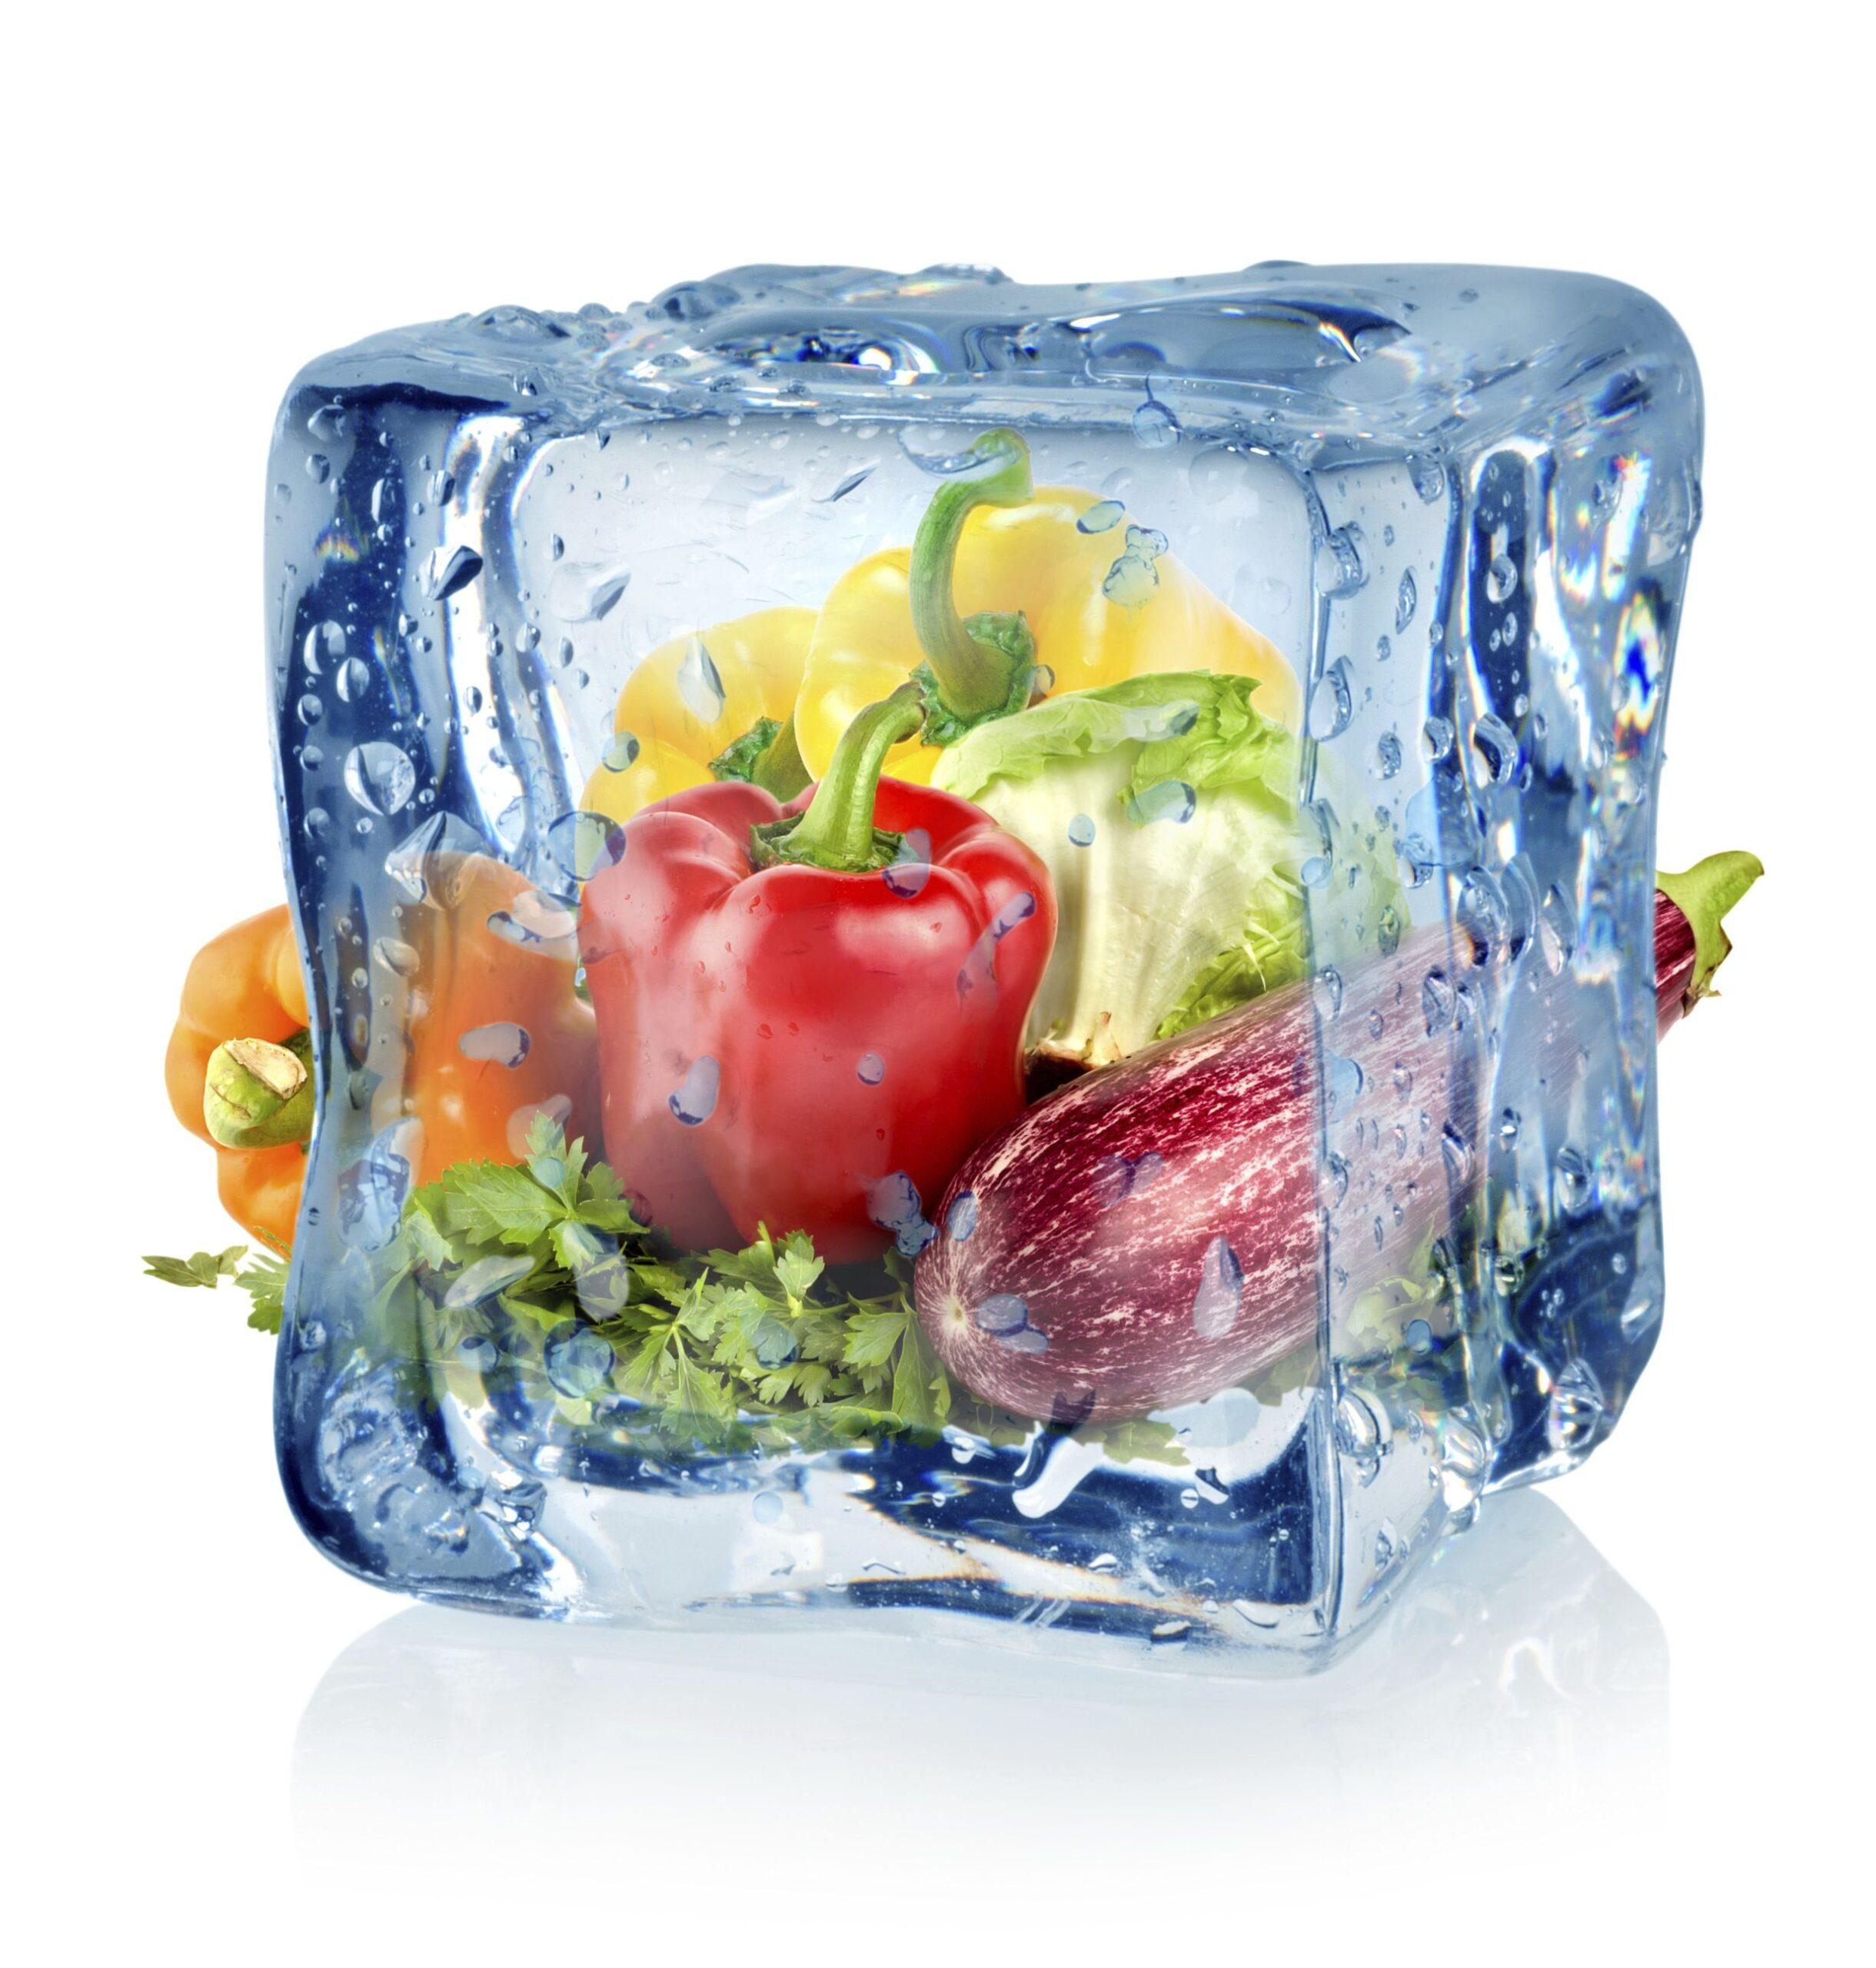 7 alimenti da congelare pronti per essere consumati in settimana